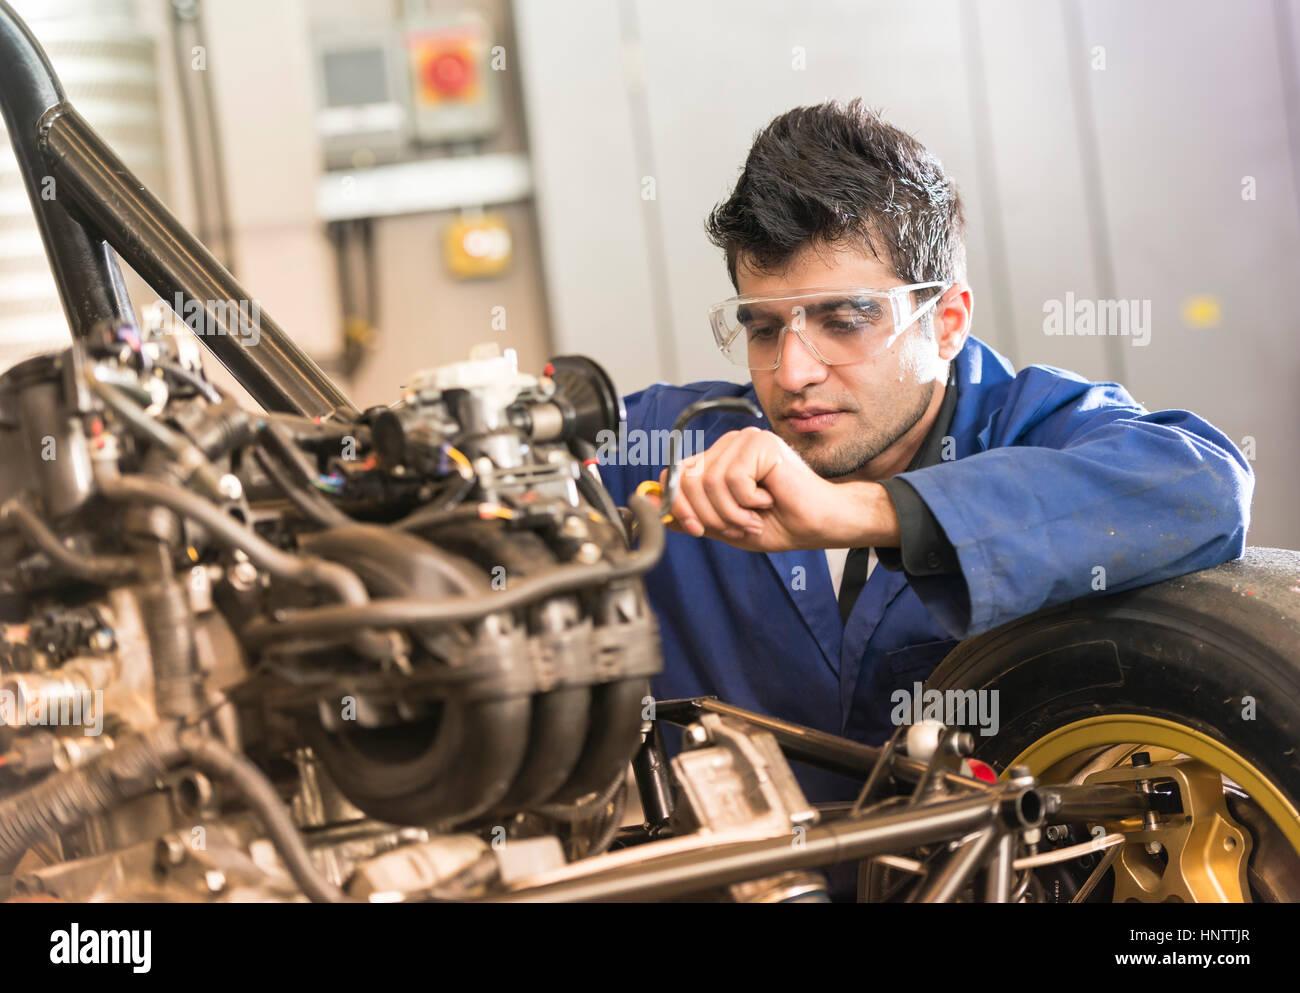 Lavoro meccanico sul motore di una macchina Immagini Stock